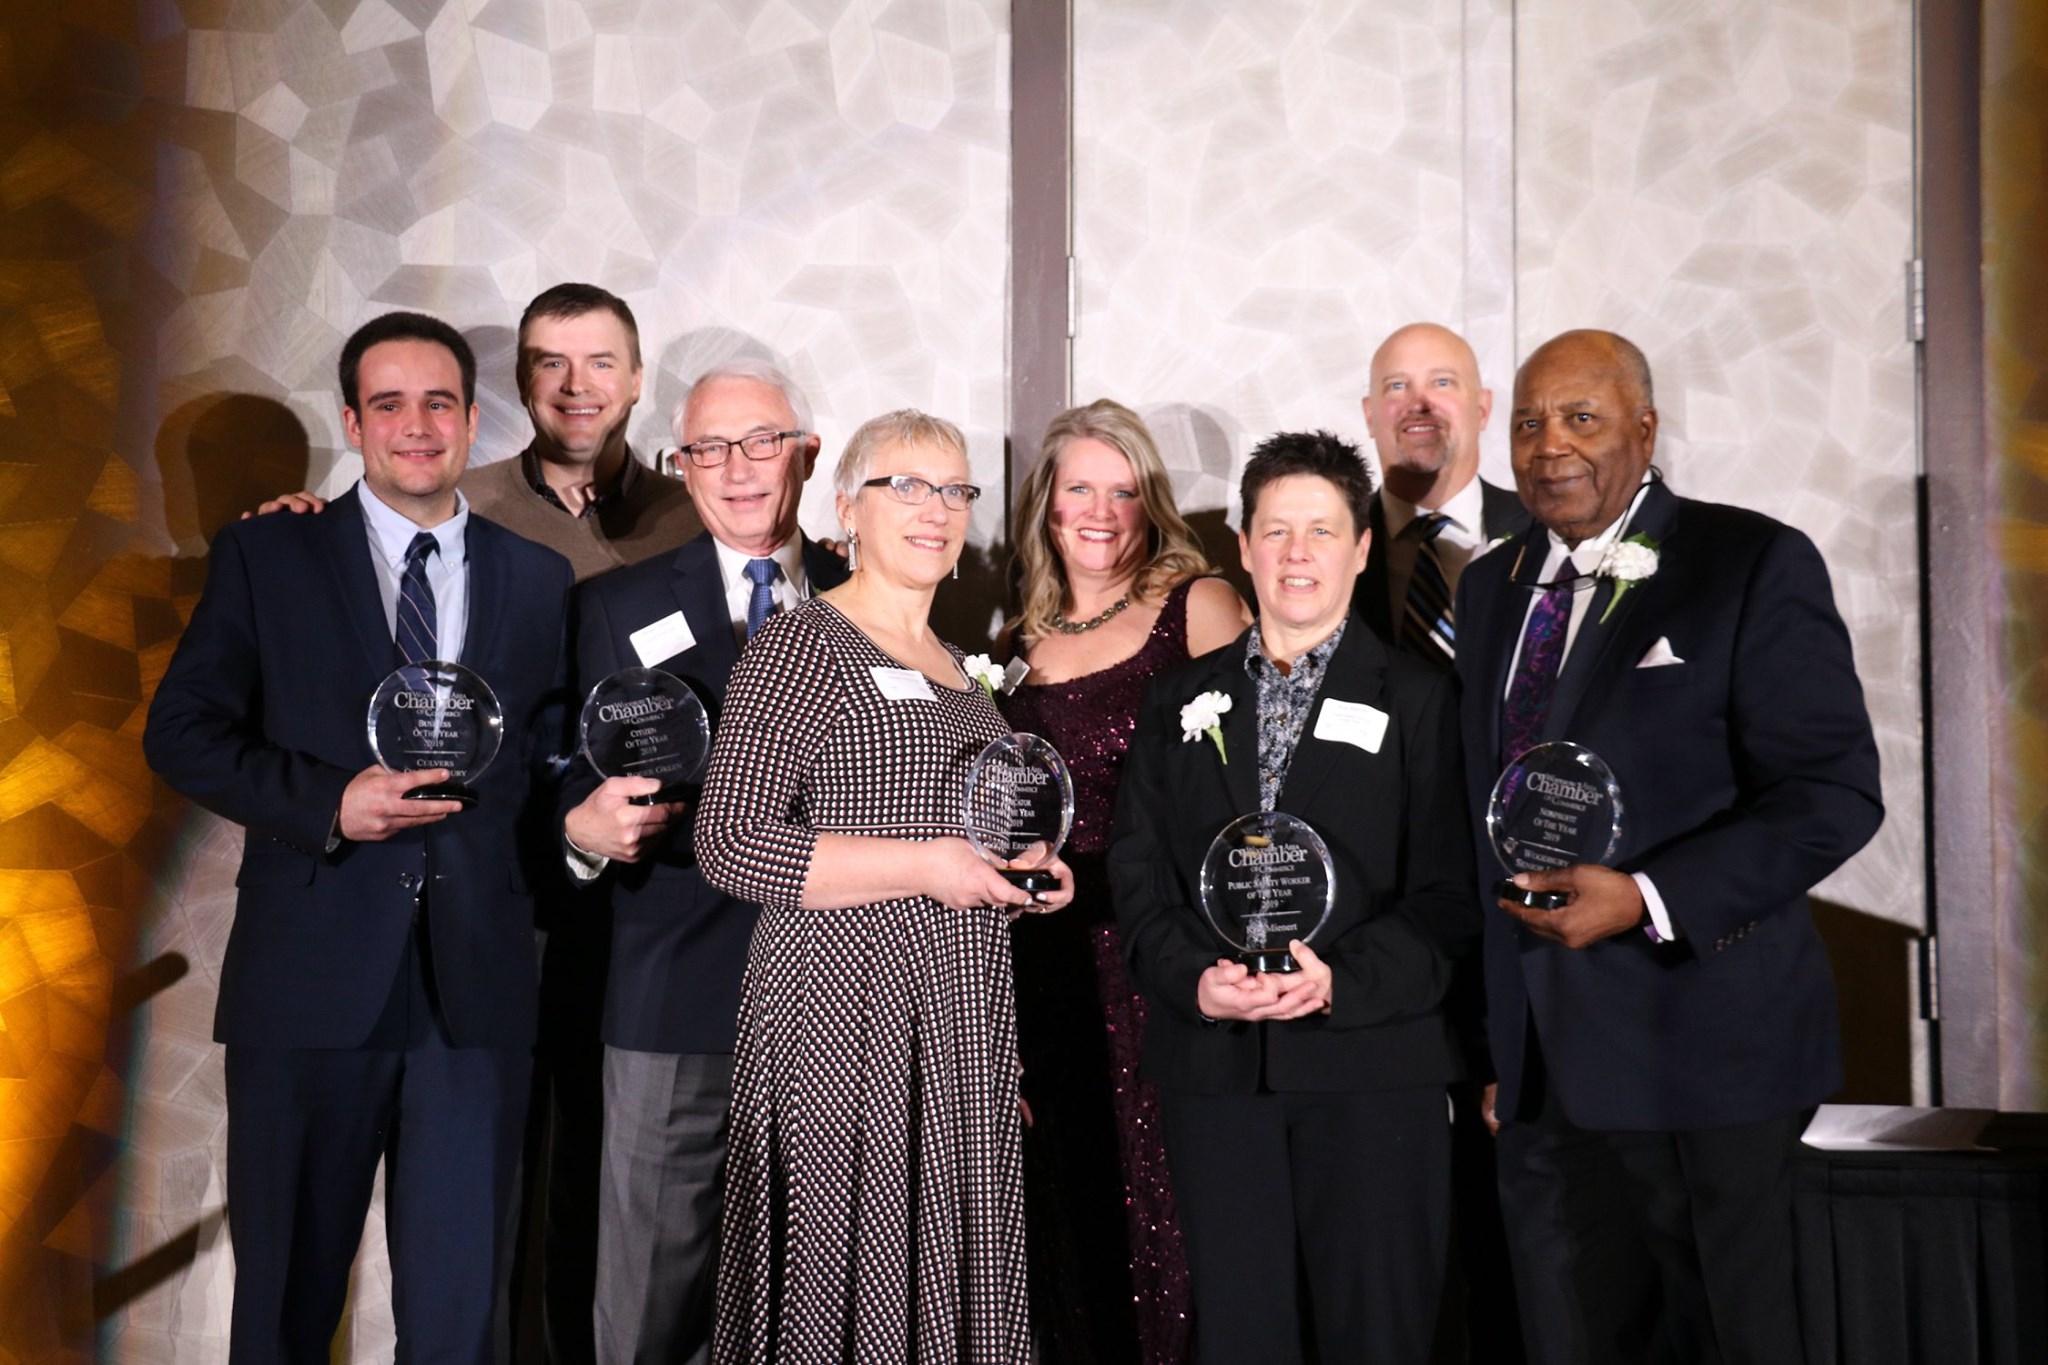 2019 Community Award Recipients